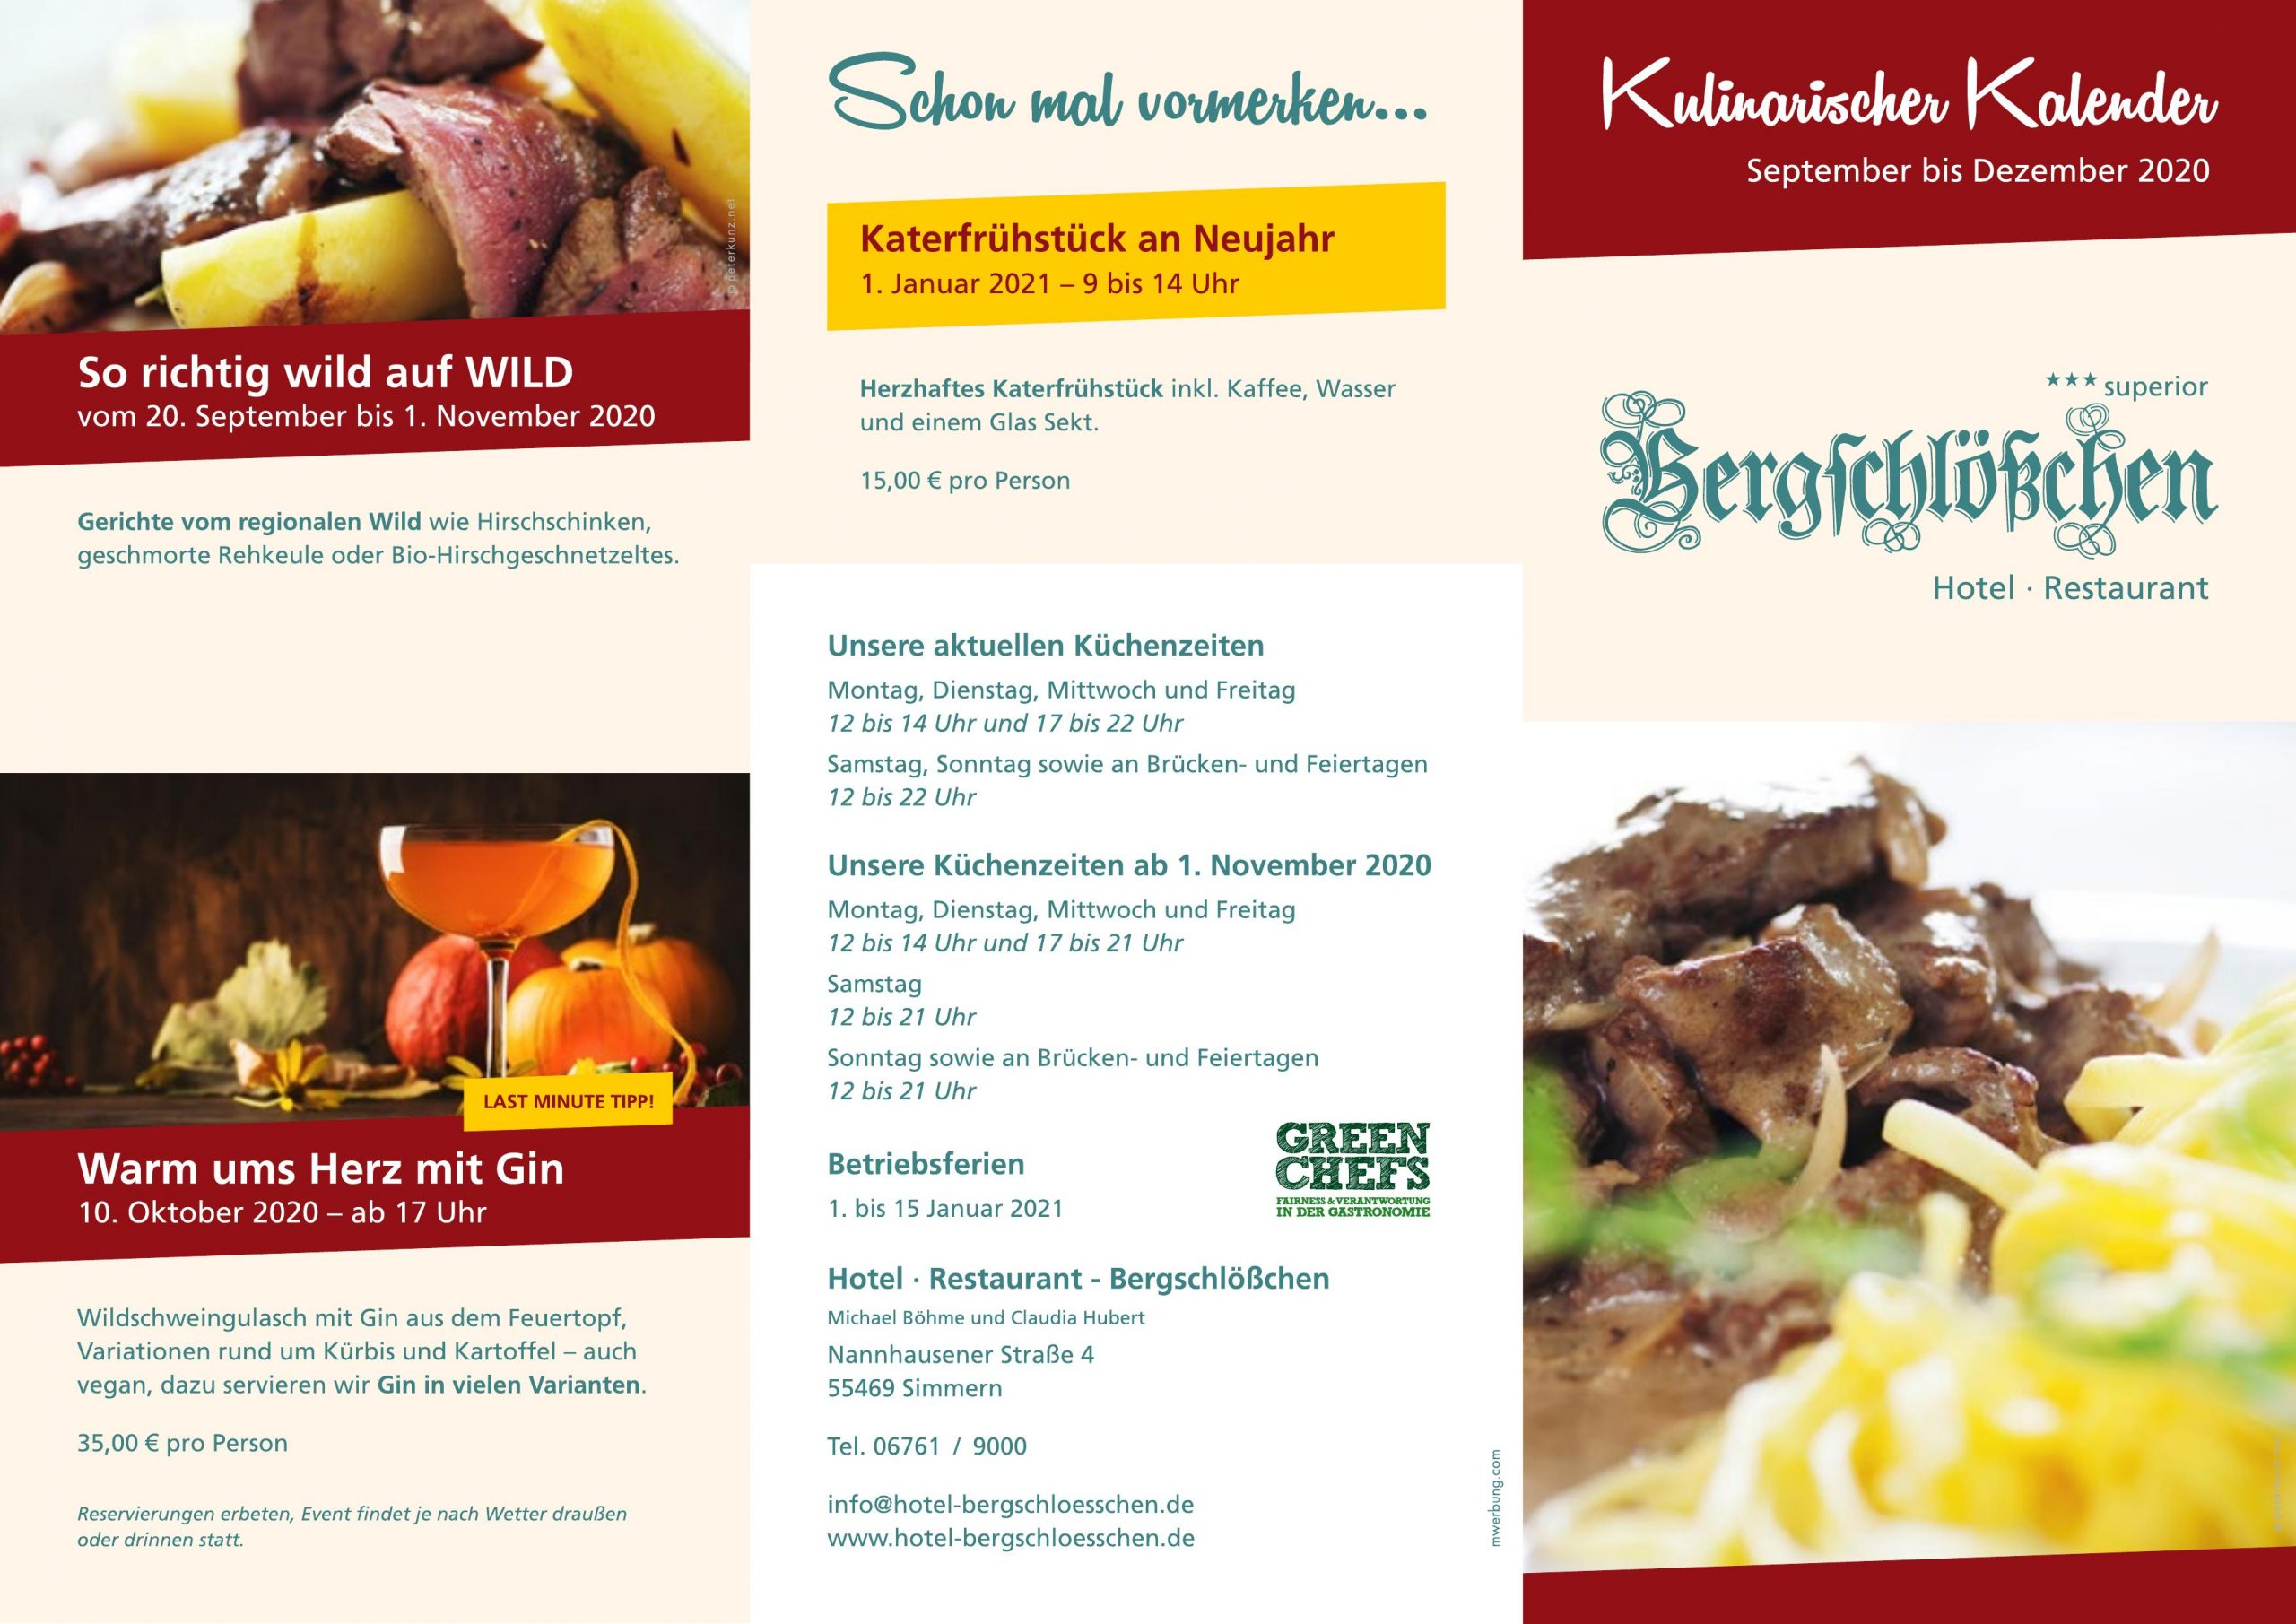 Flyer kulinarischer Kalender